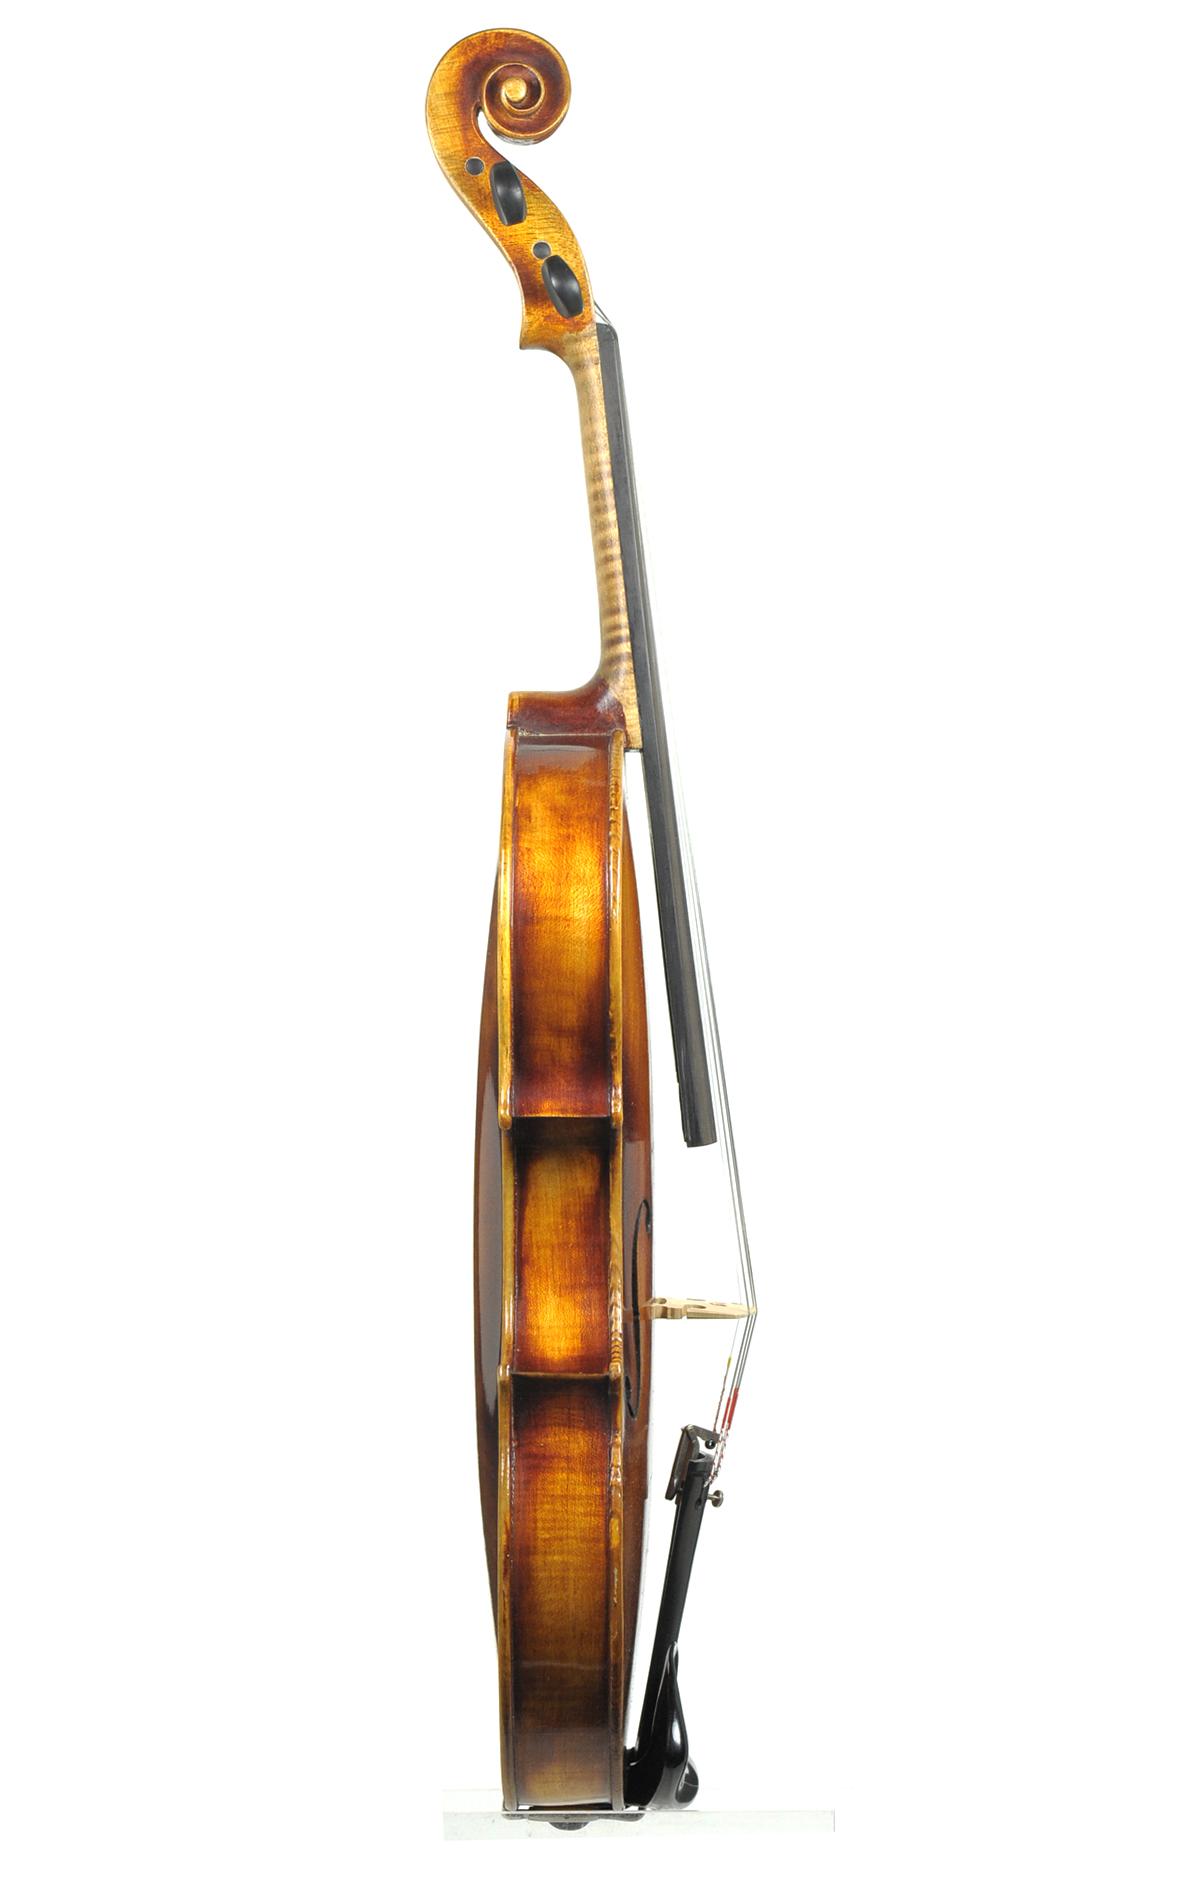 moderne deutsche violine aus bubenreuth violinen bubenreuth unbekannt. Black Bedroom Furniture Sets. Home Design Ideas